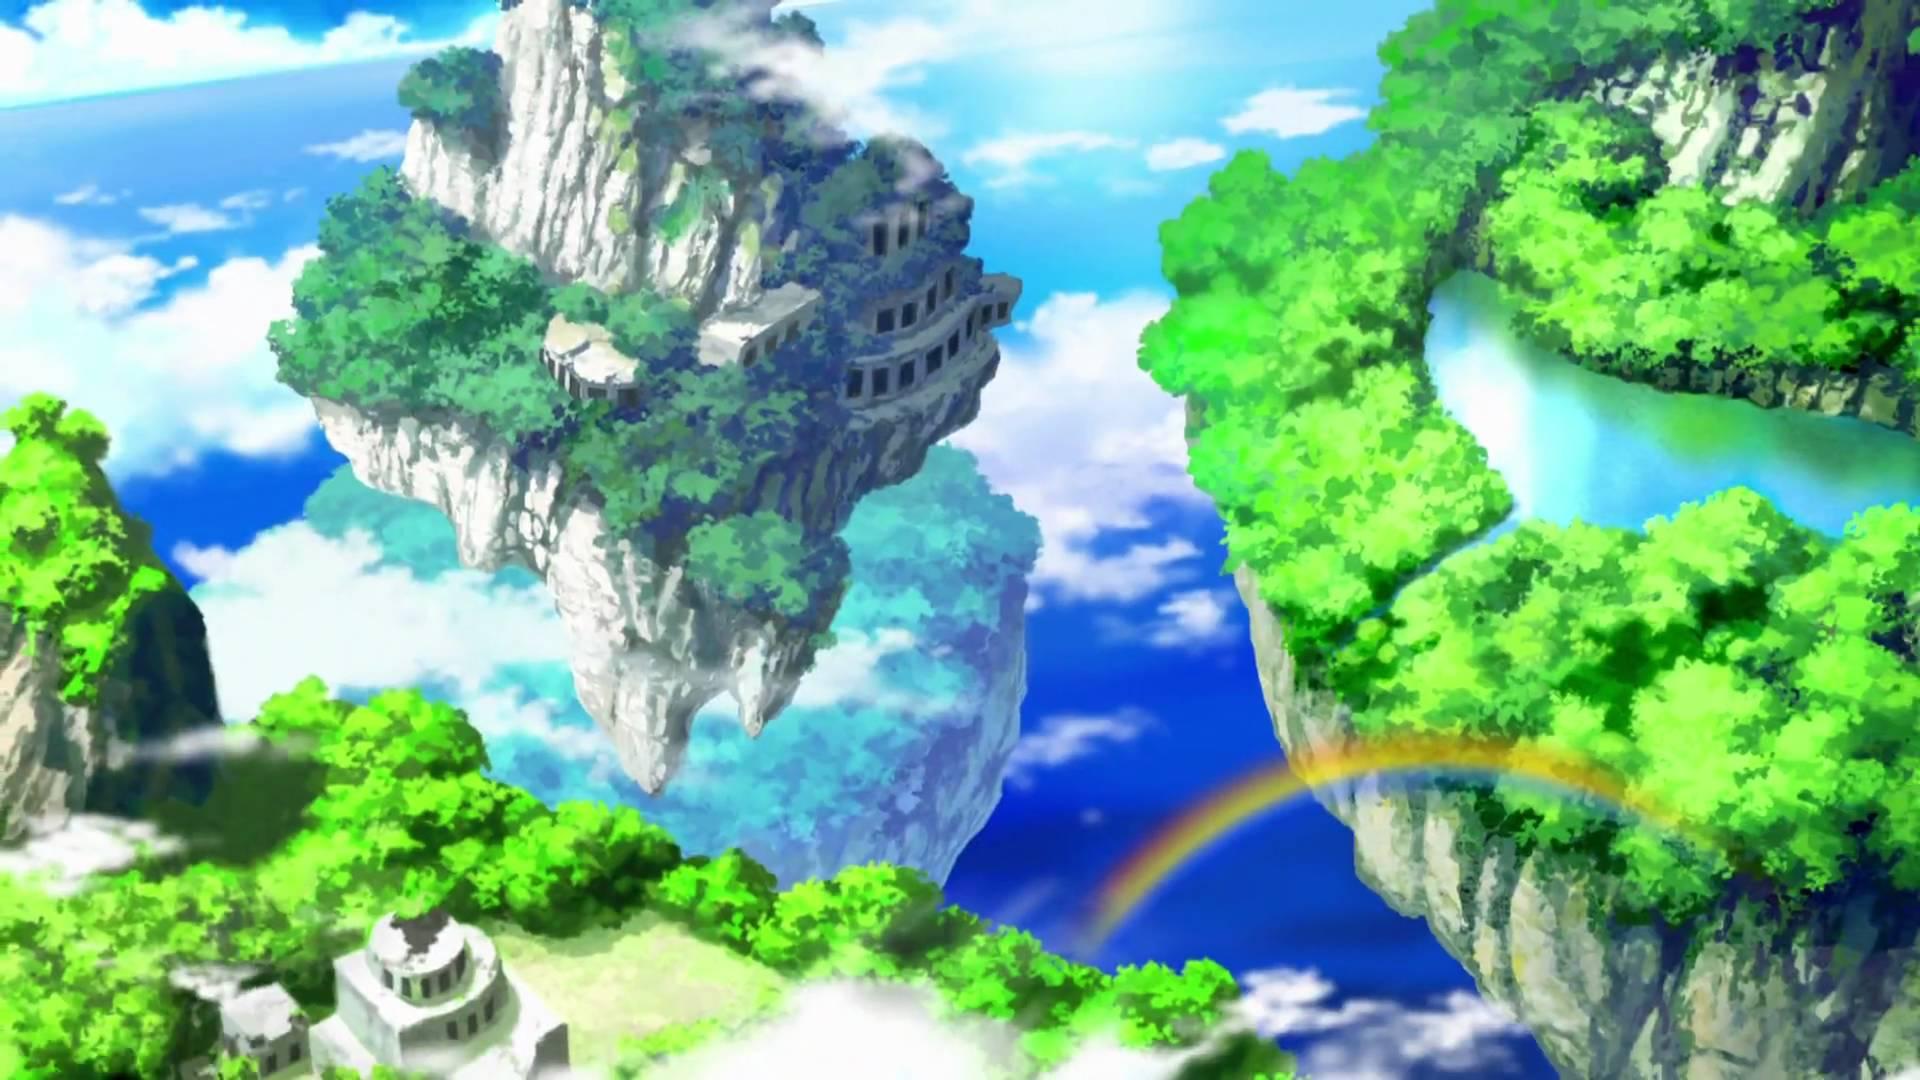 Crítica De La Película De Anime De One Pîece Strong World